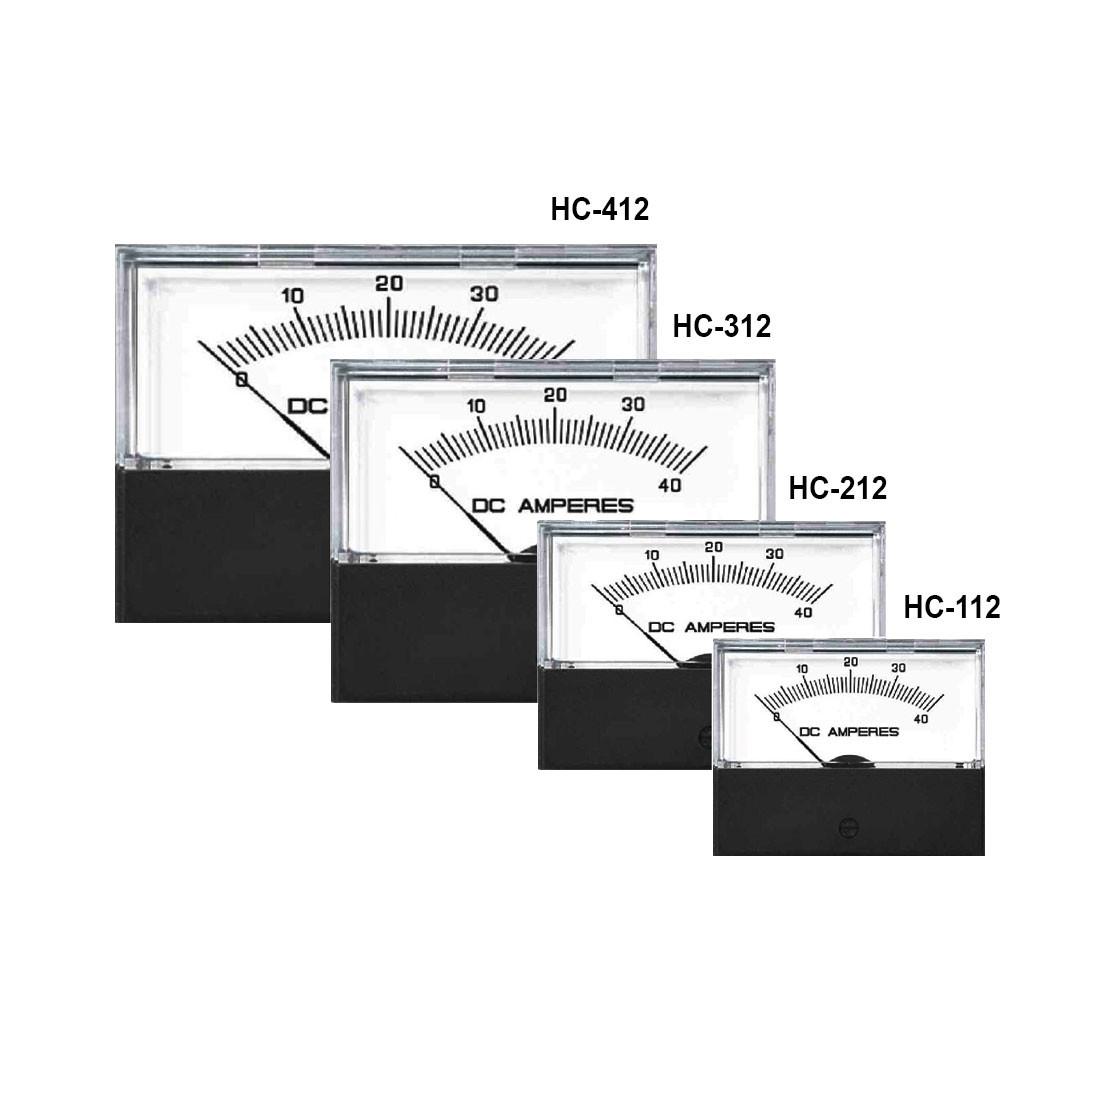 HC-112 AC or DC Analog Panel Meter